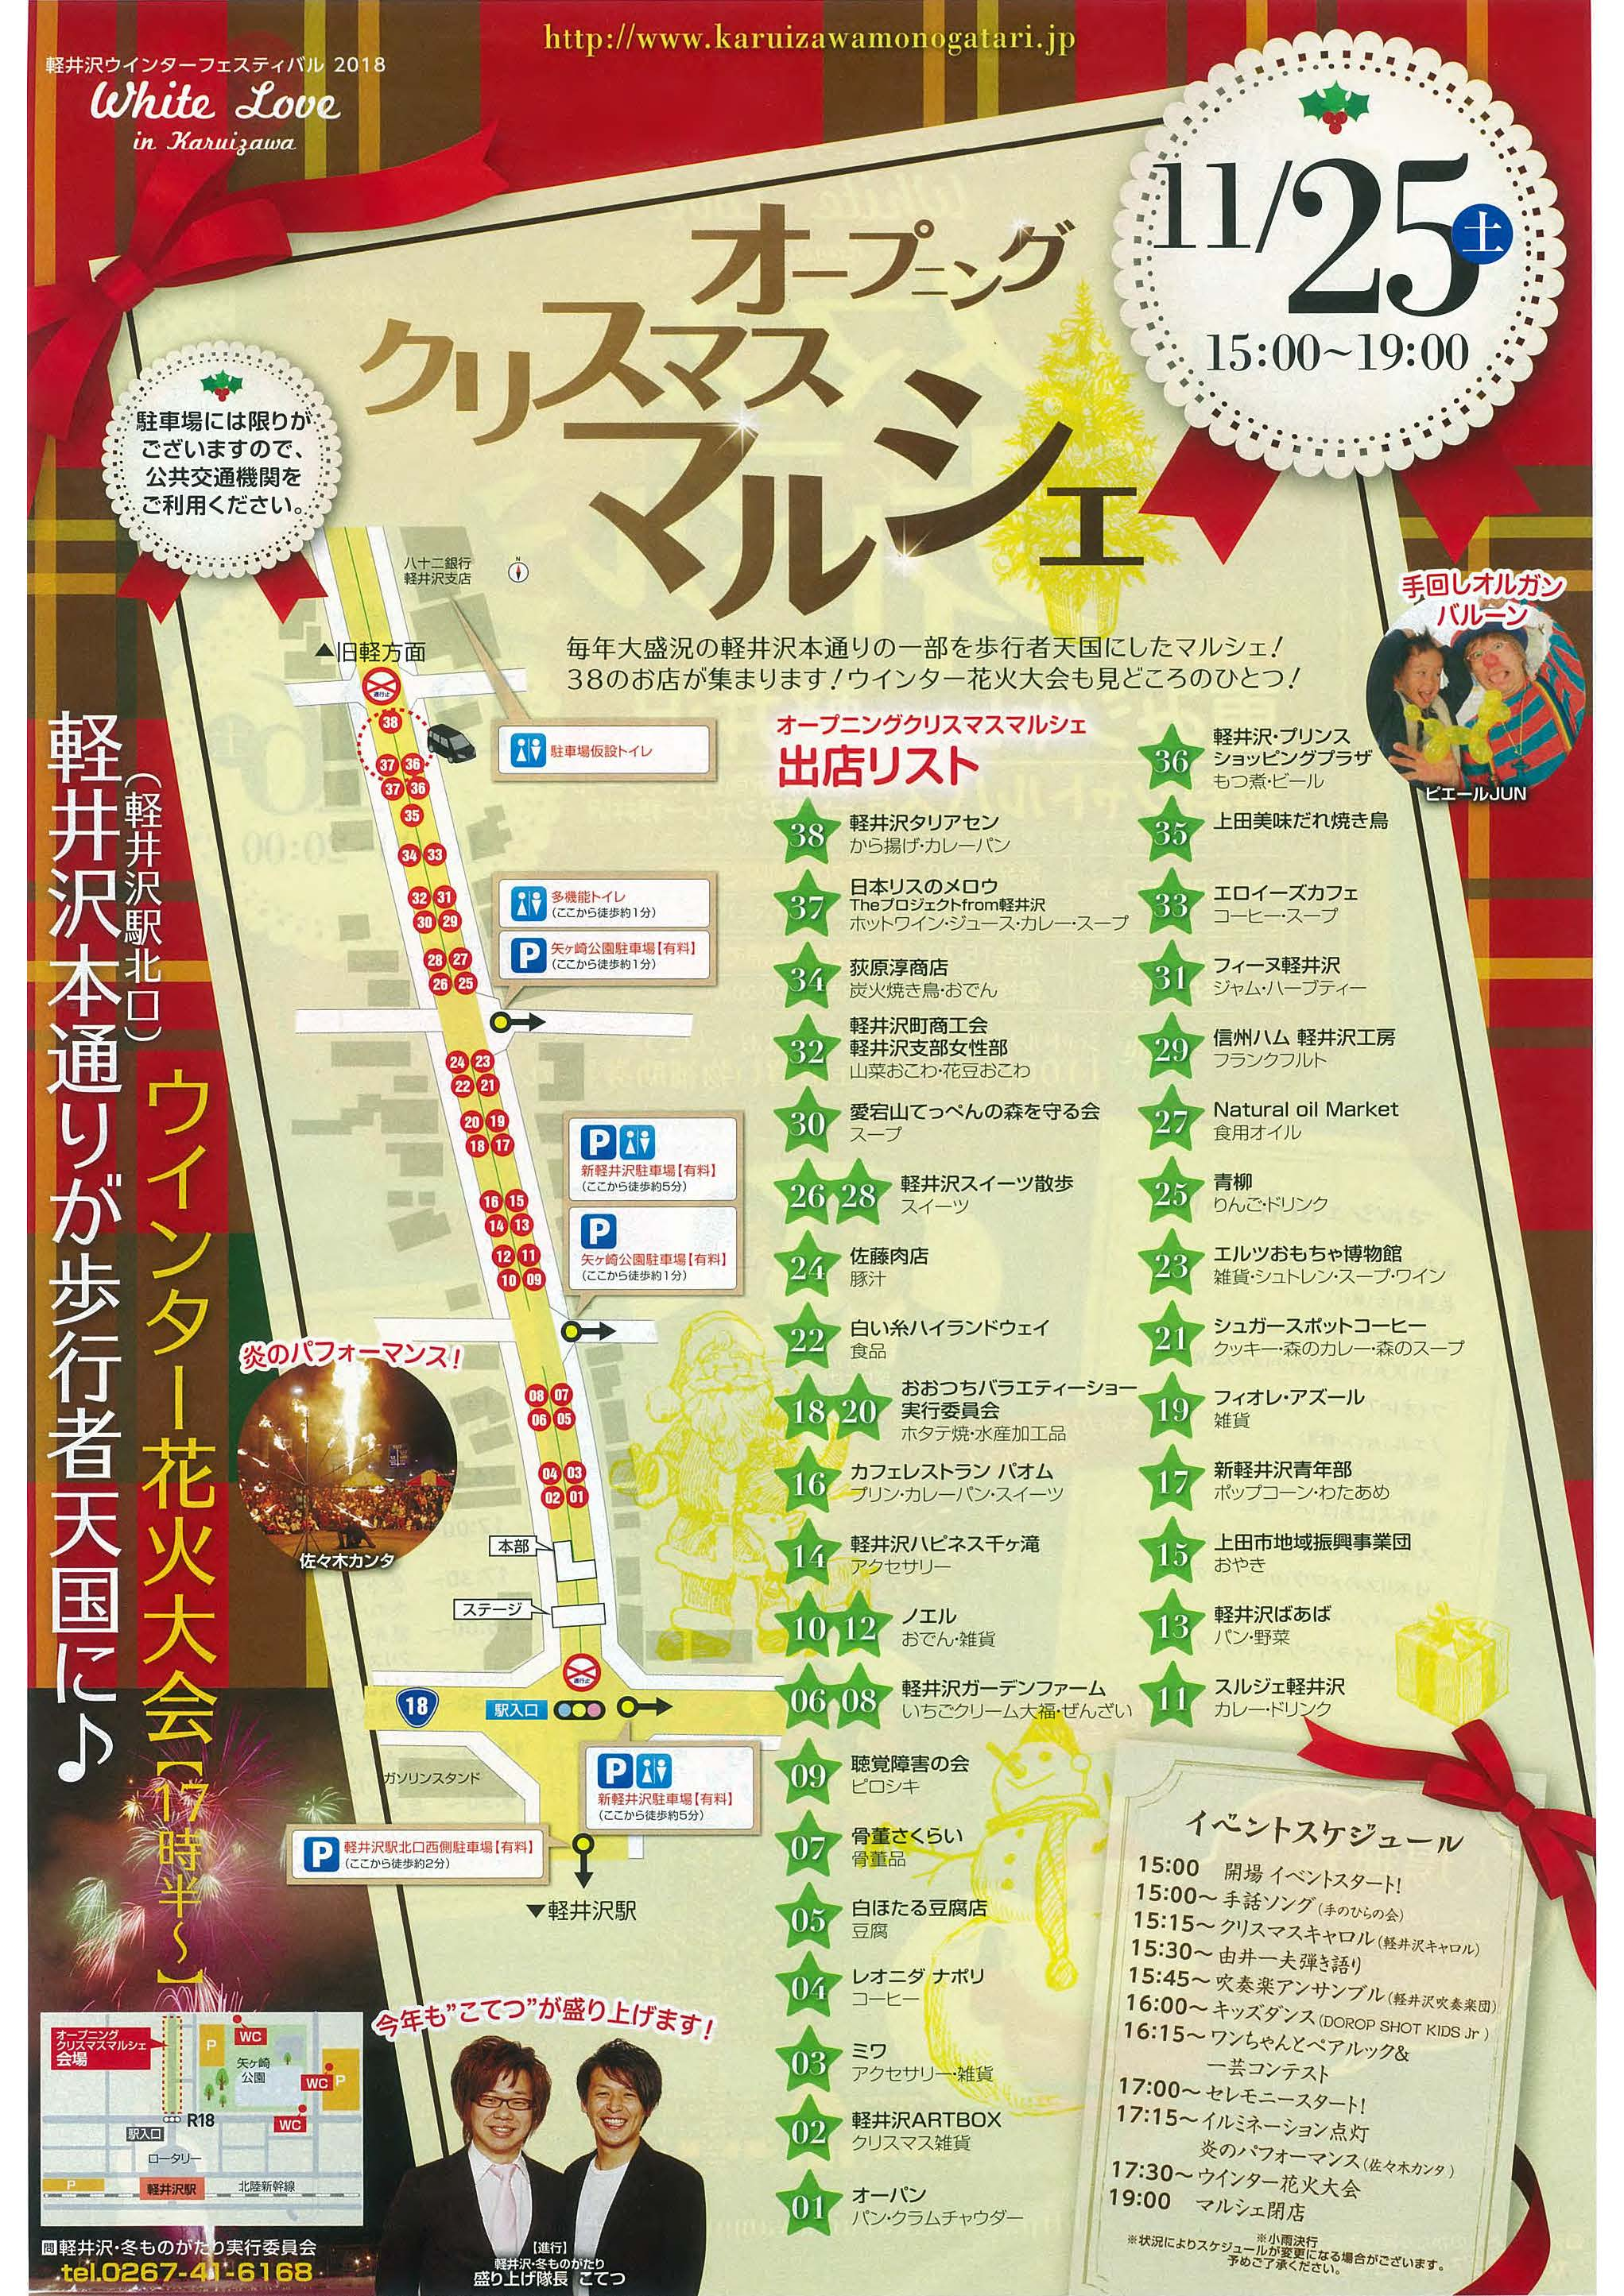 20171125karuizawa